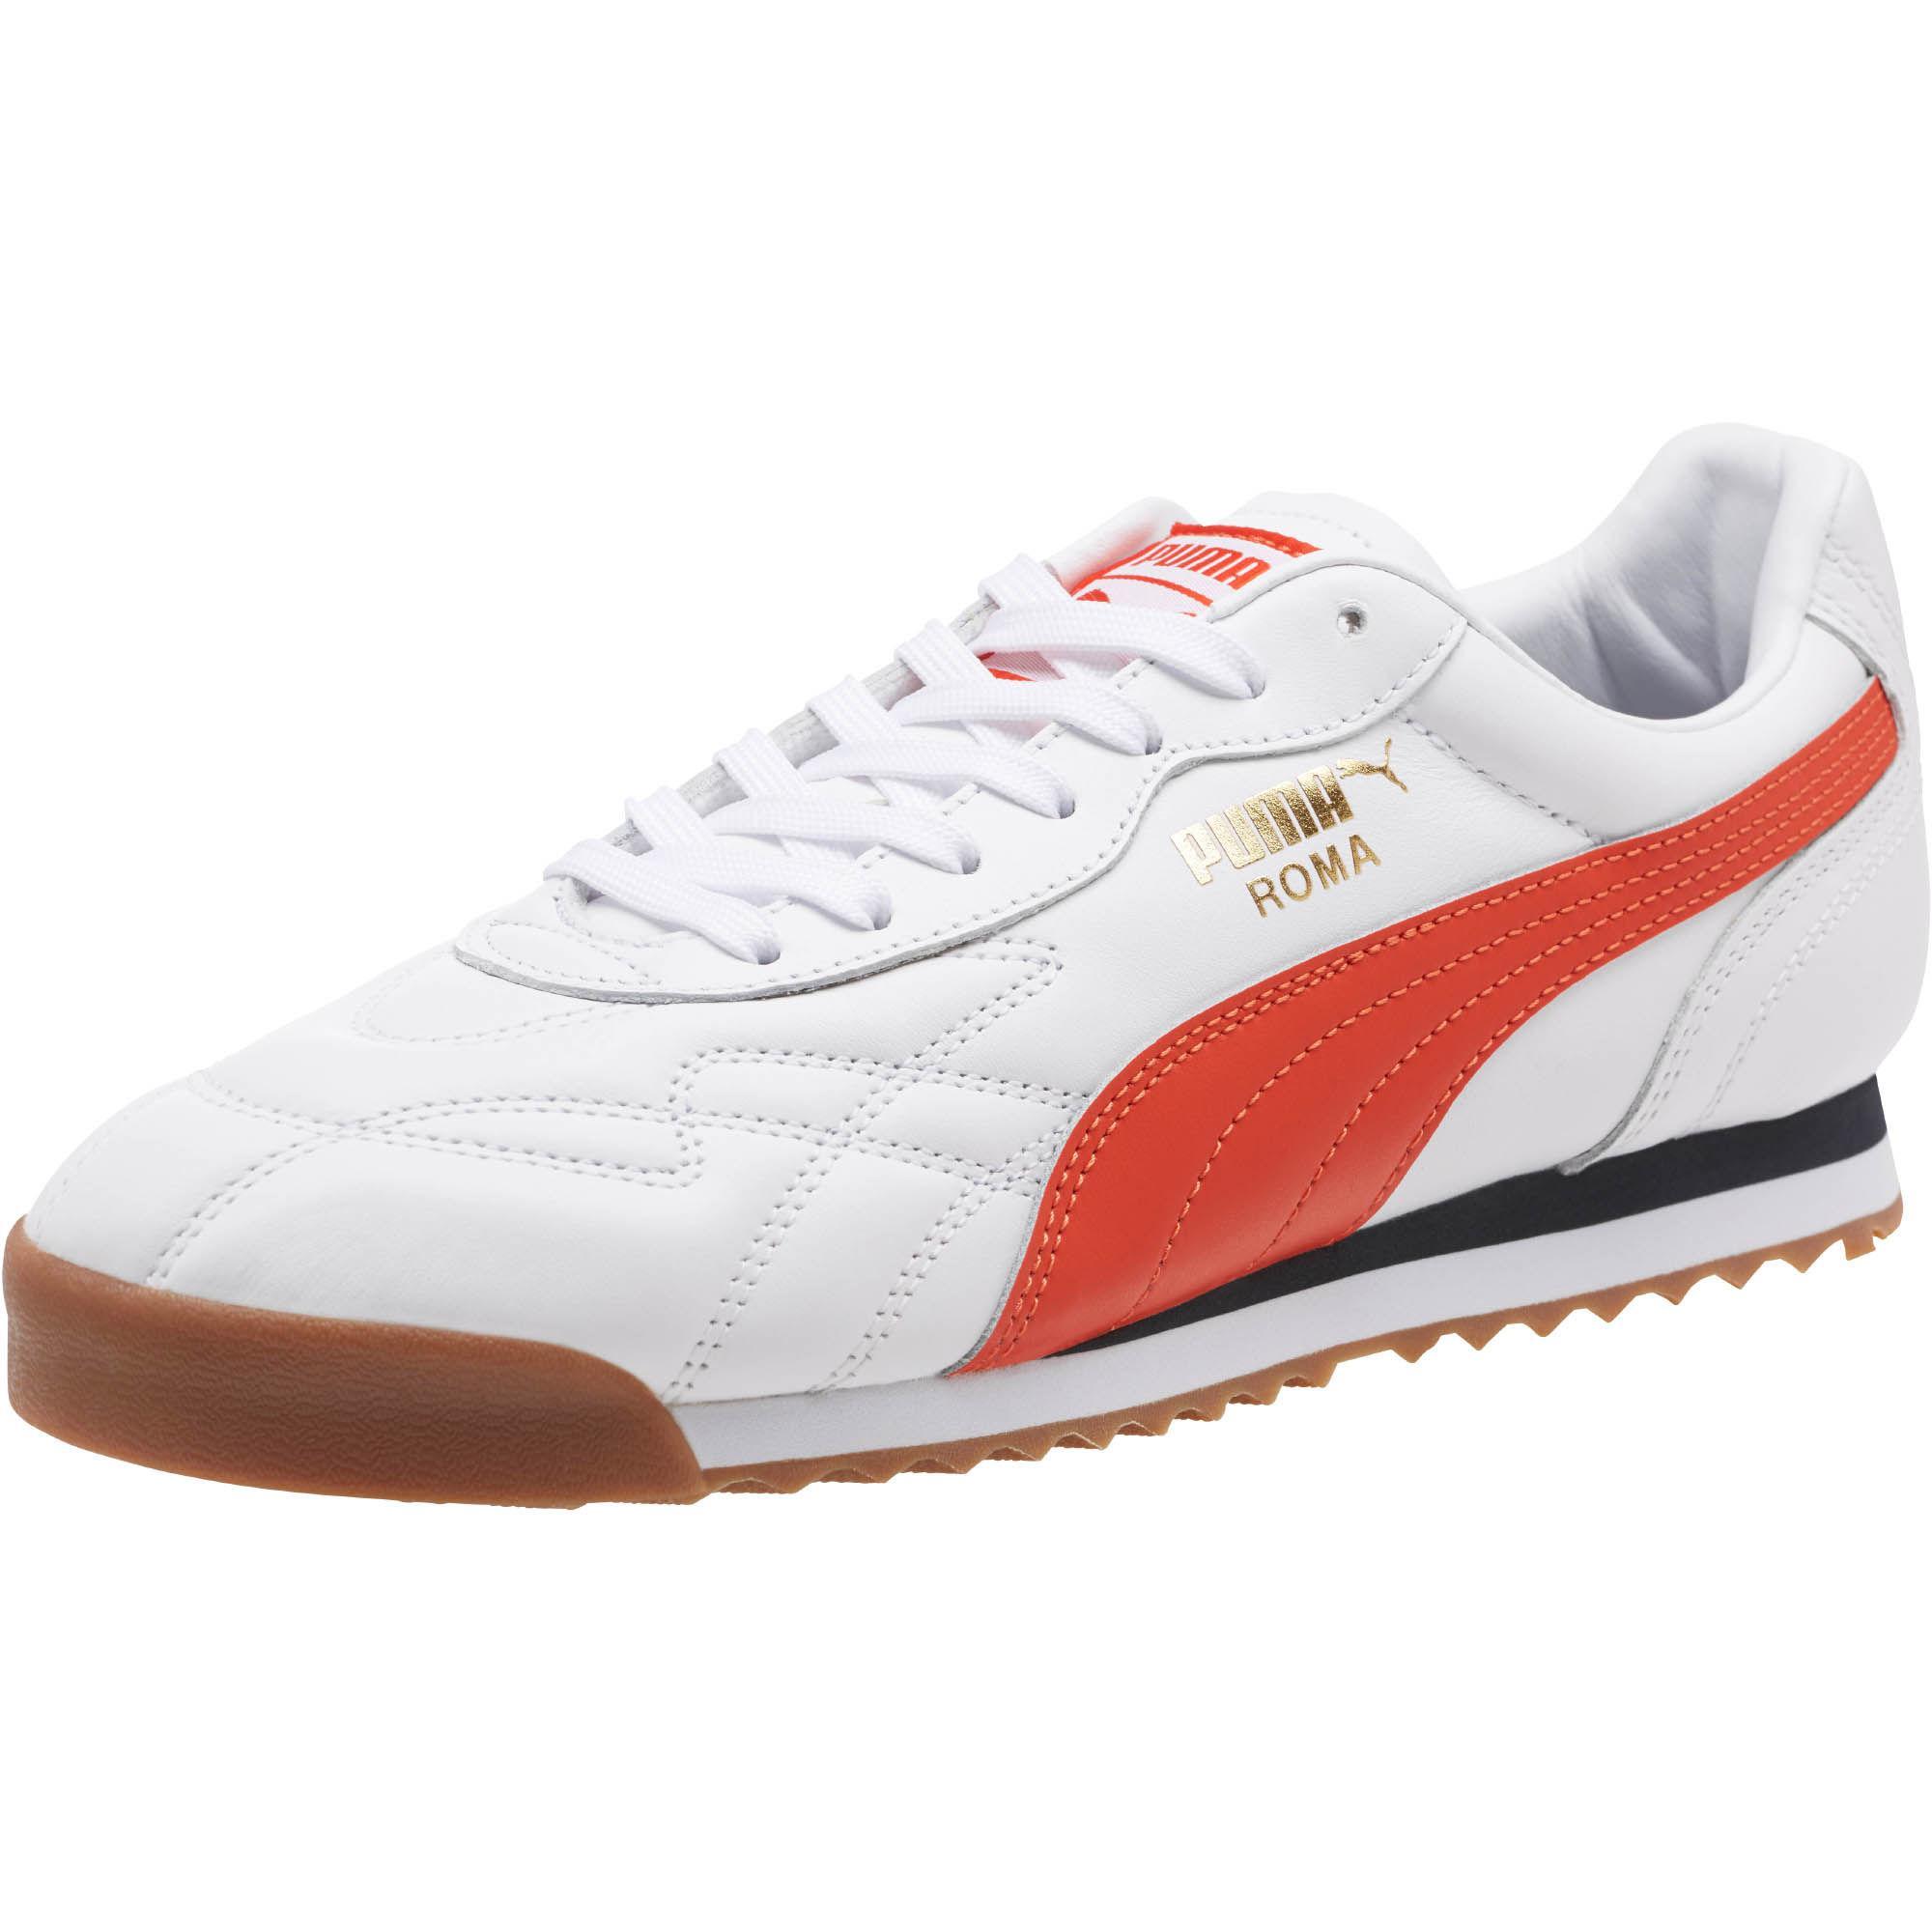 e4200040c116 Lyst - PUMA Roma Anniversario Sneakers in White for Men